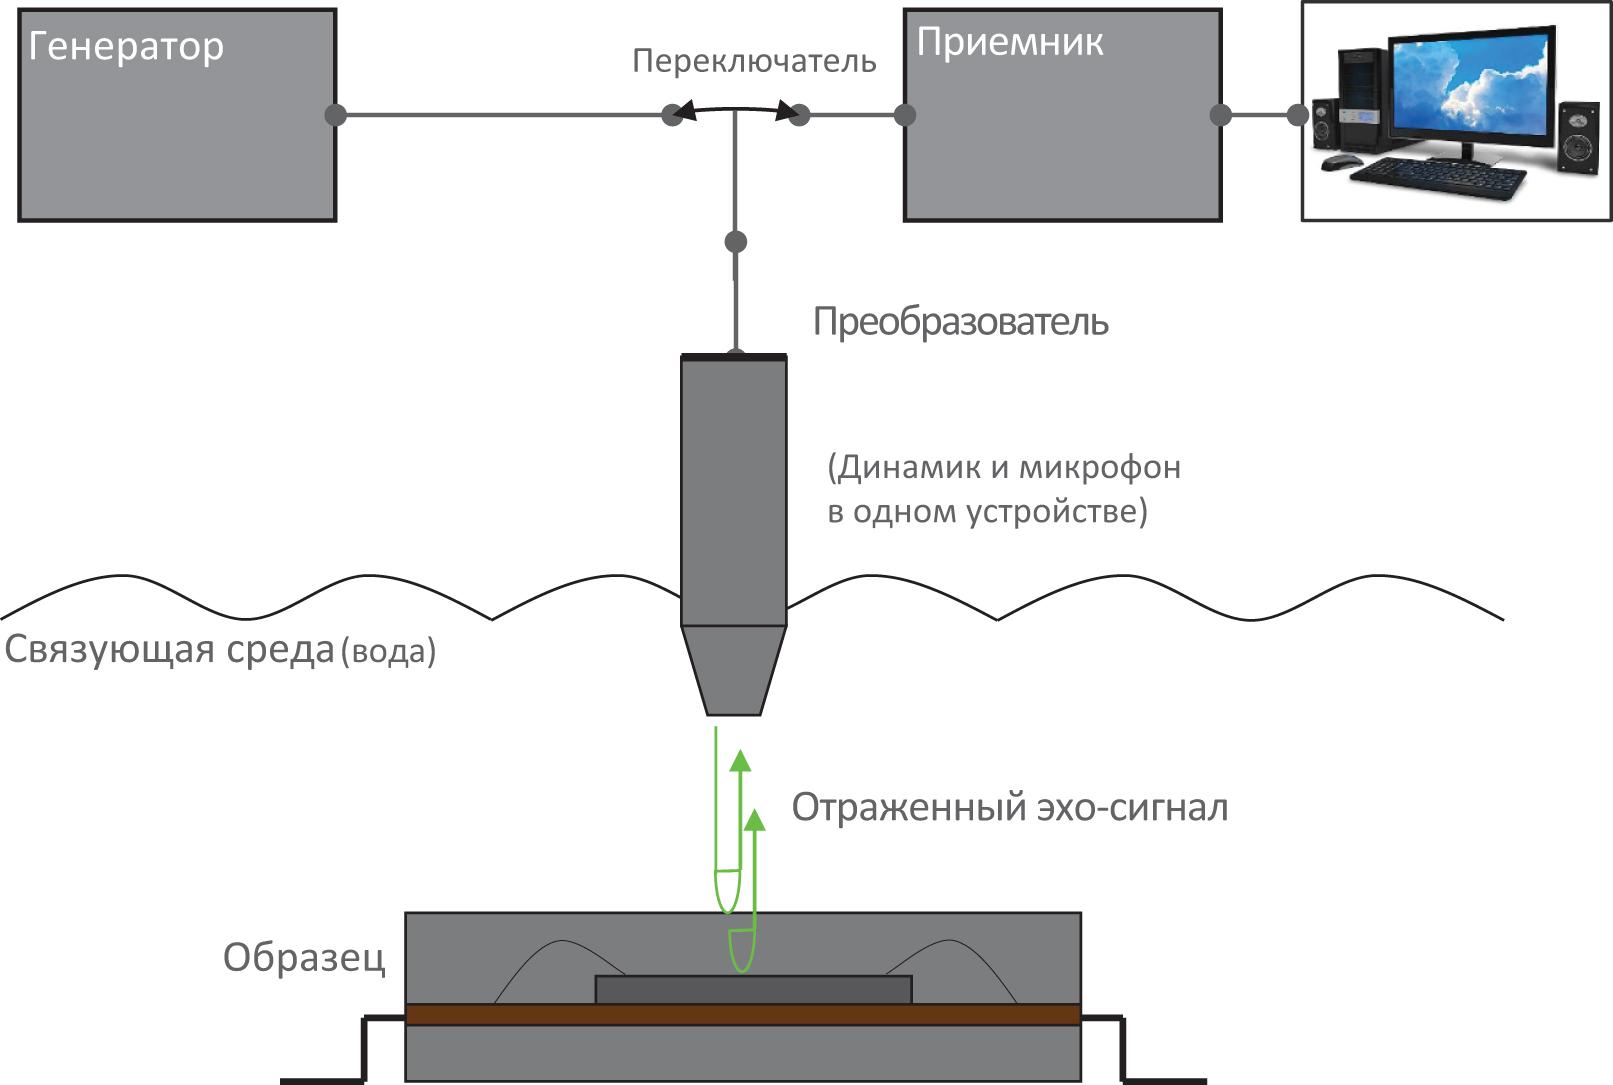 Схема работы ультразвукового микроскопа